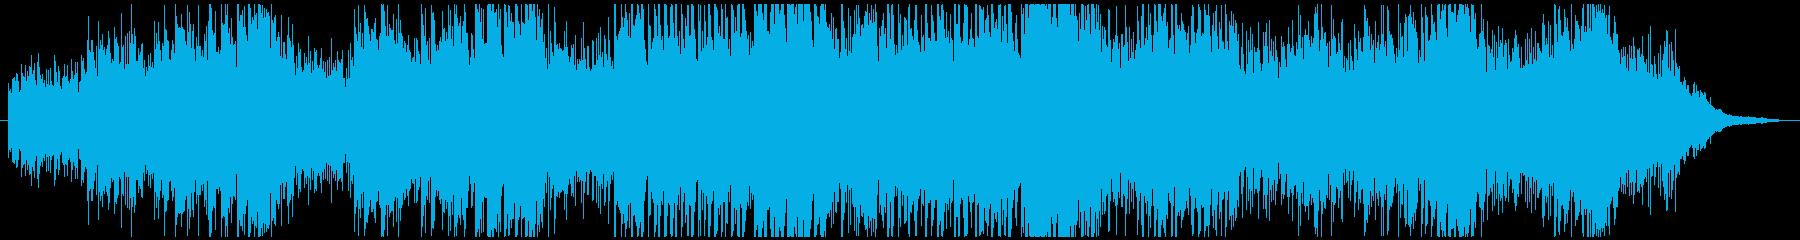 企業PV_CMなど爽やかなアコギとピアノの再生済みの波形